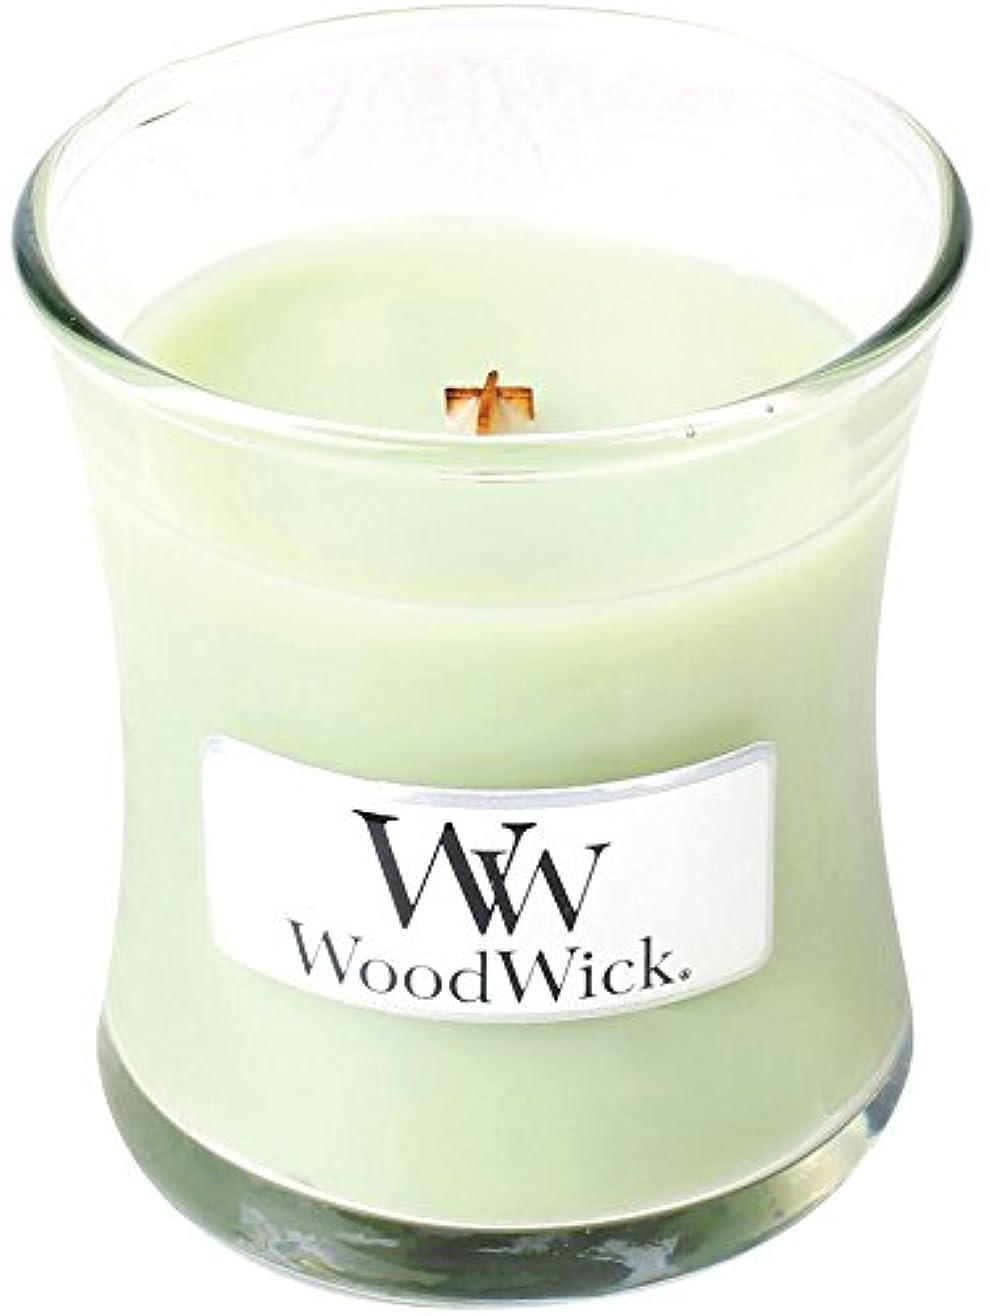 憂鬱克服する成熟Wood Wick ウッドウィック ジャーキャンドルSサイズ ライムジェラー